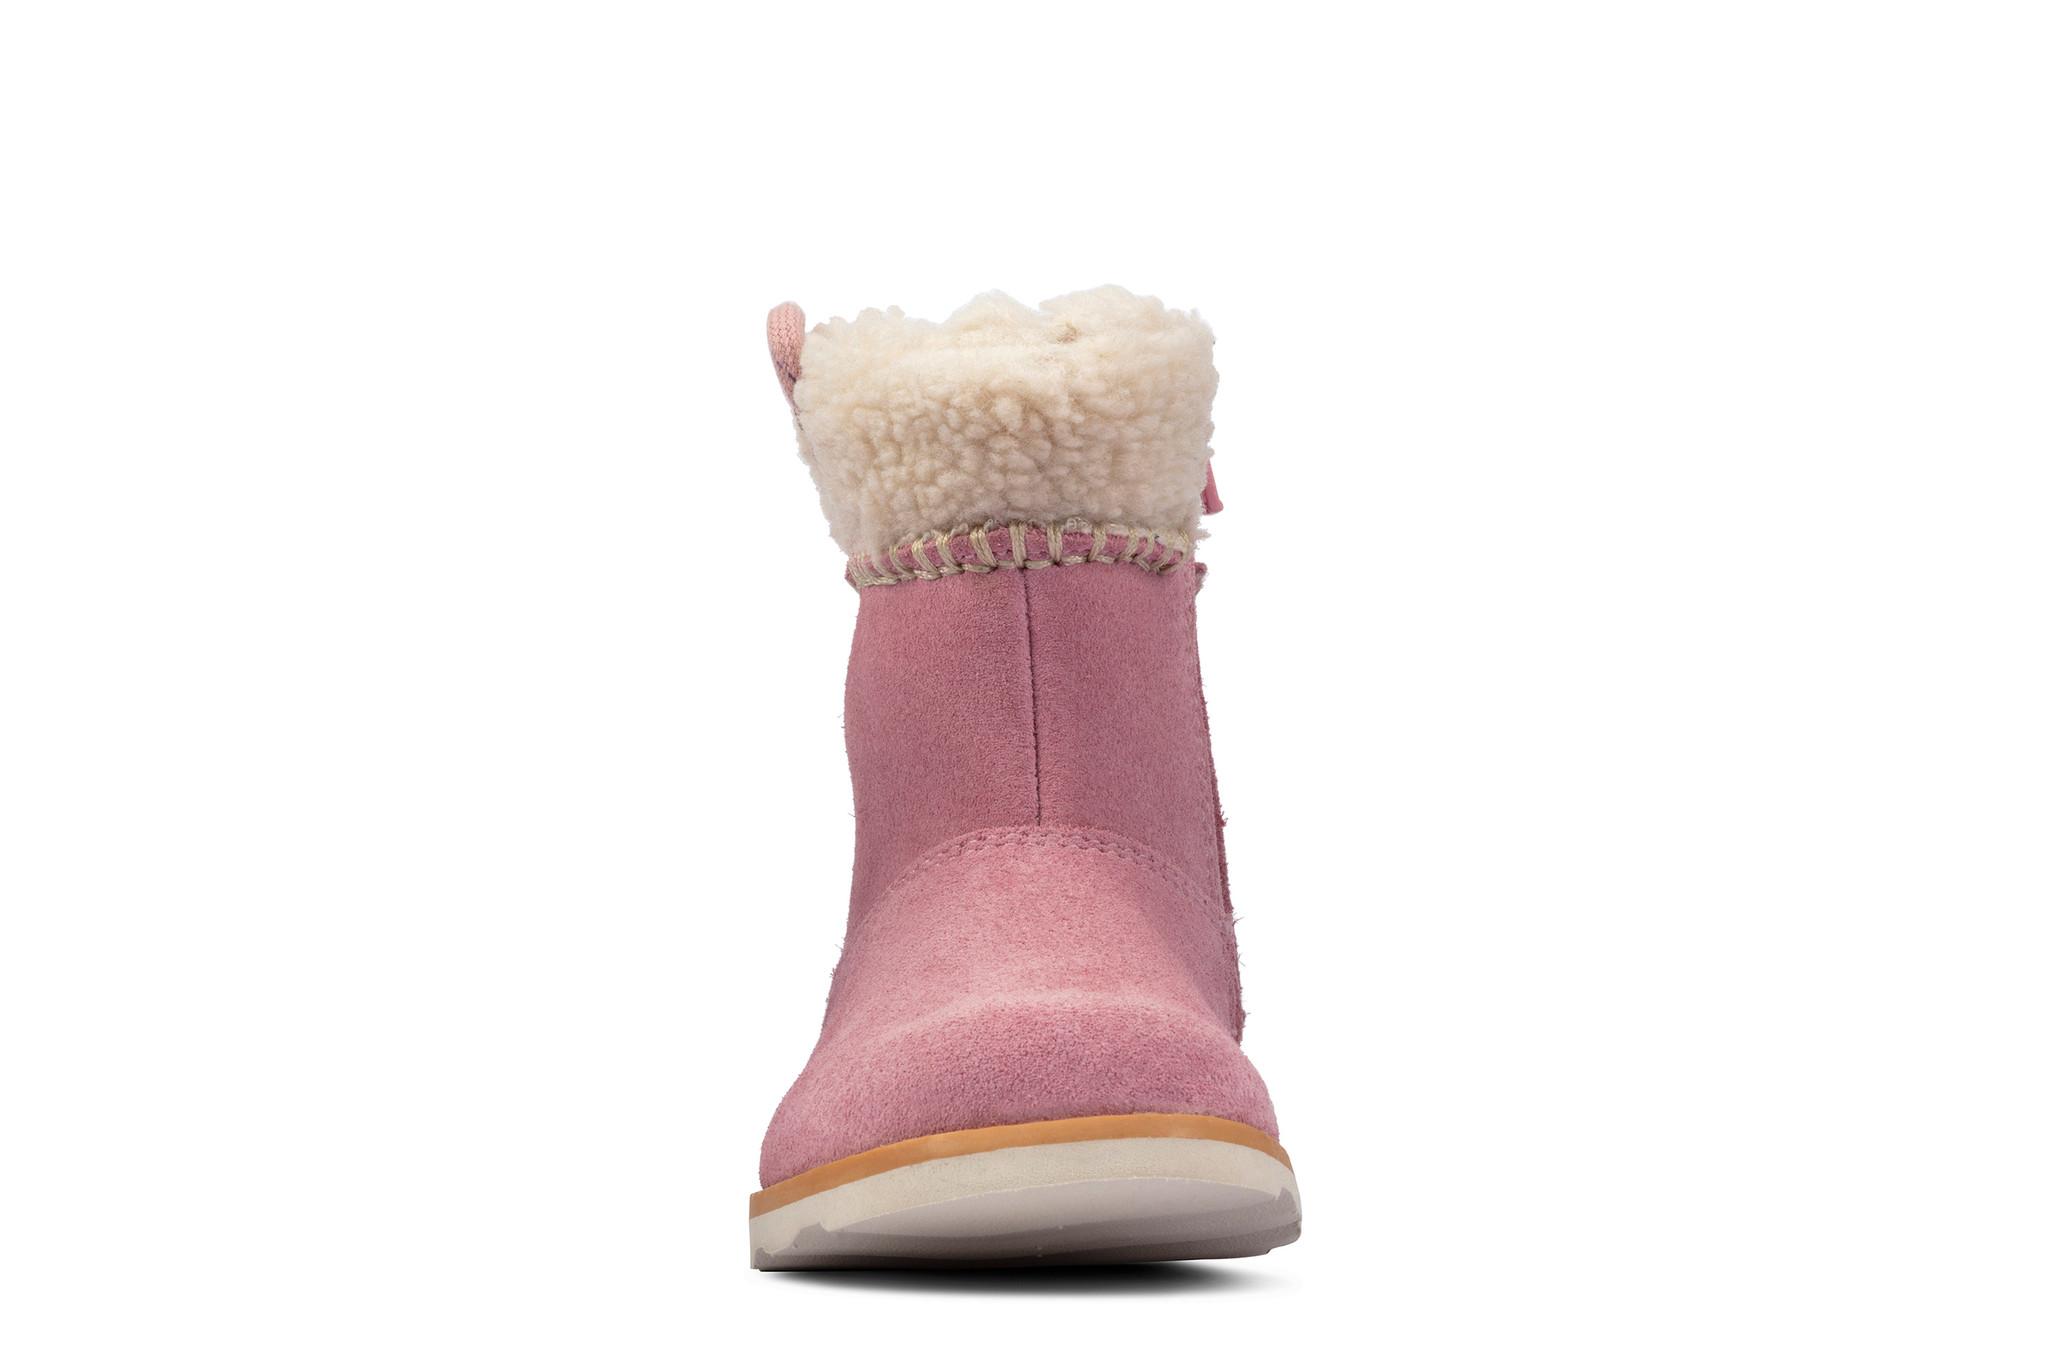 Clarks Crown Loop Pink Suede Infant